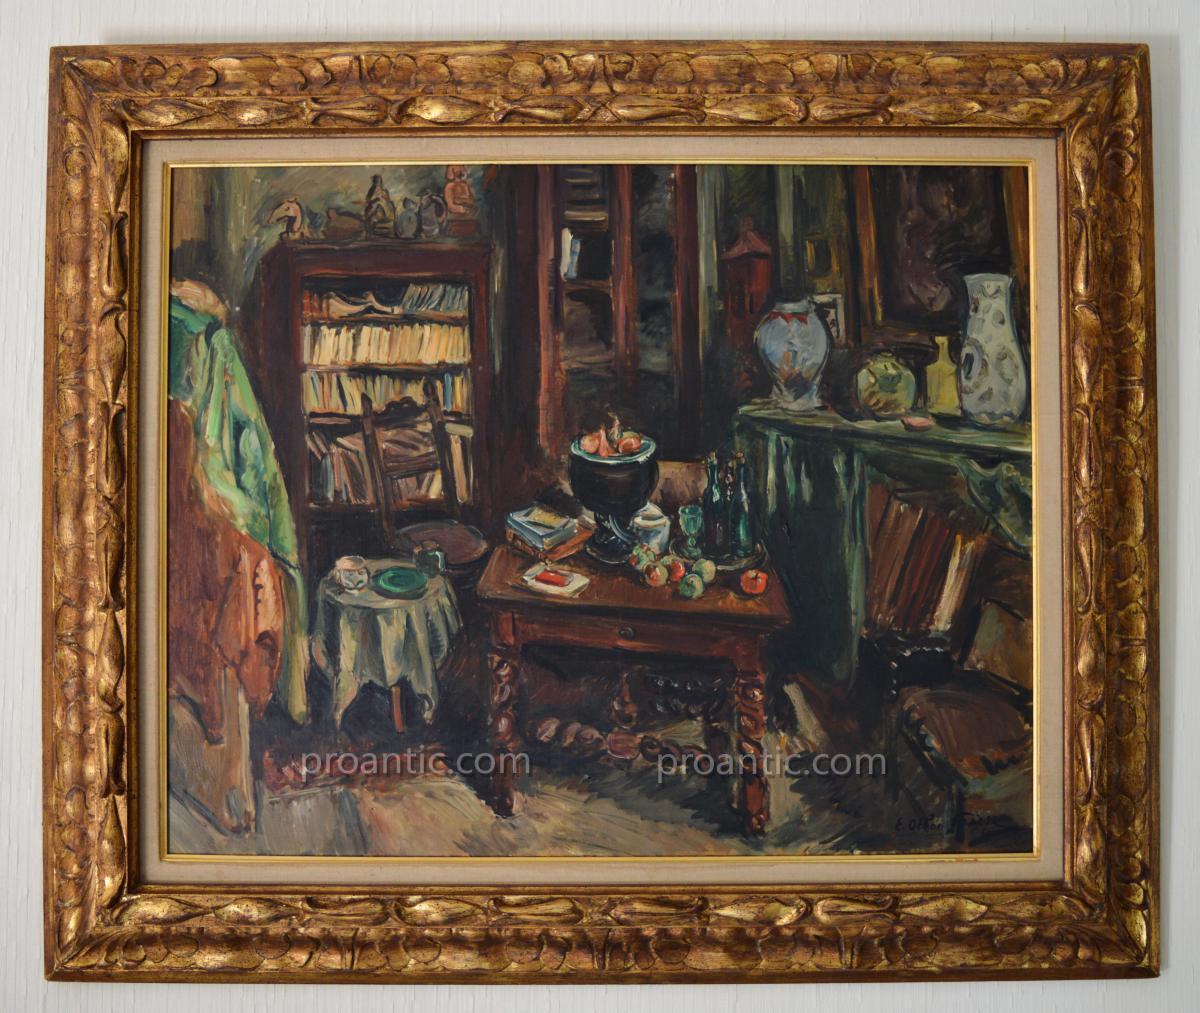 """OTHON FRIESZ Achille (1879-1949) """"Atelier de l'artiste à Paris 1943"""" Zao Wou-Ki Havre"""